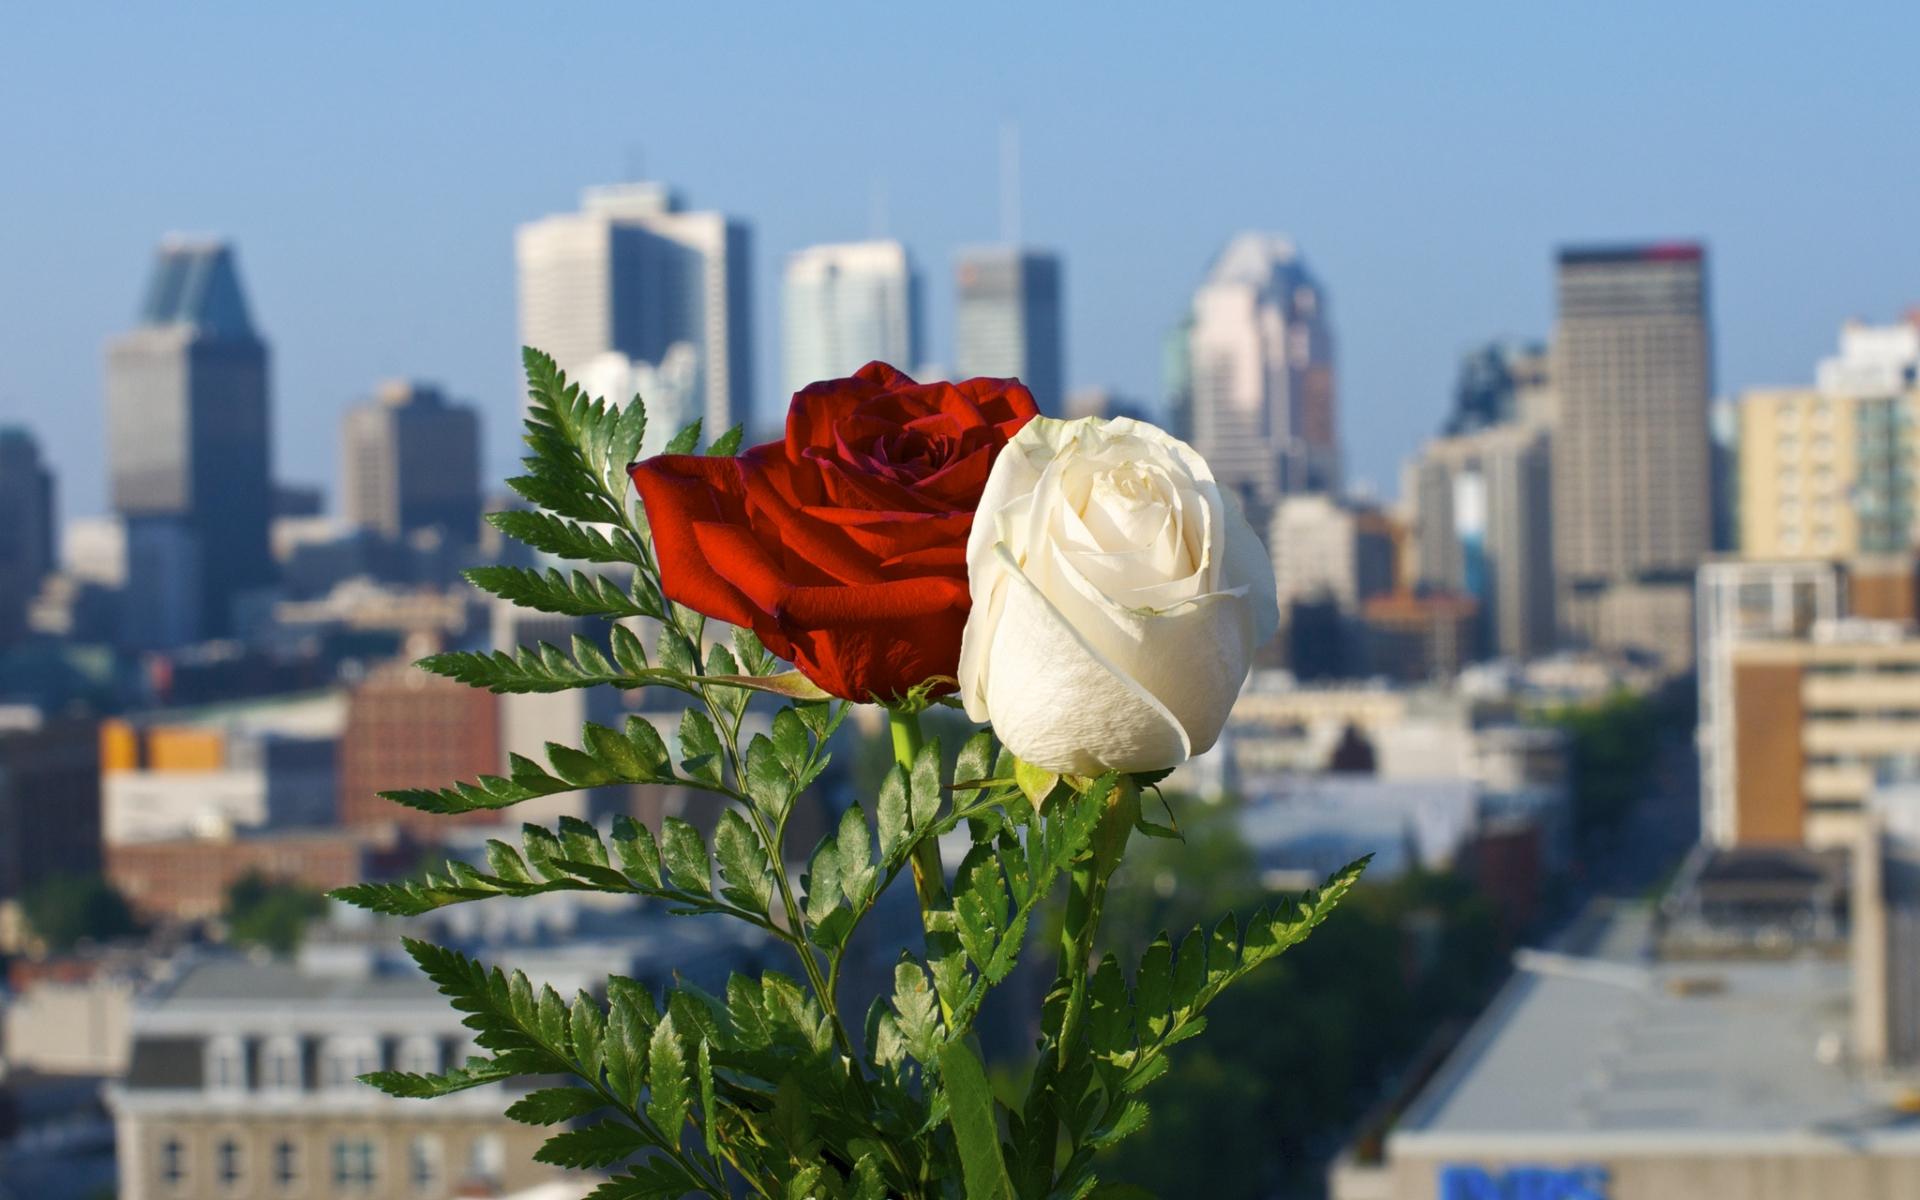 Rosas blanca y roja - 1920x1200